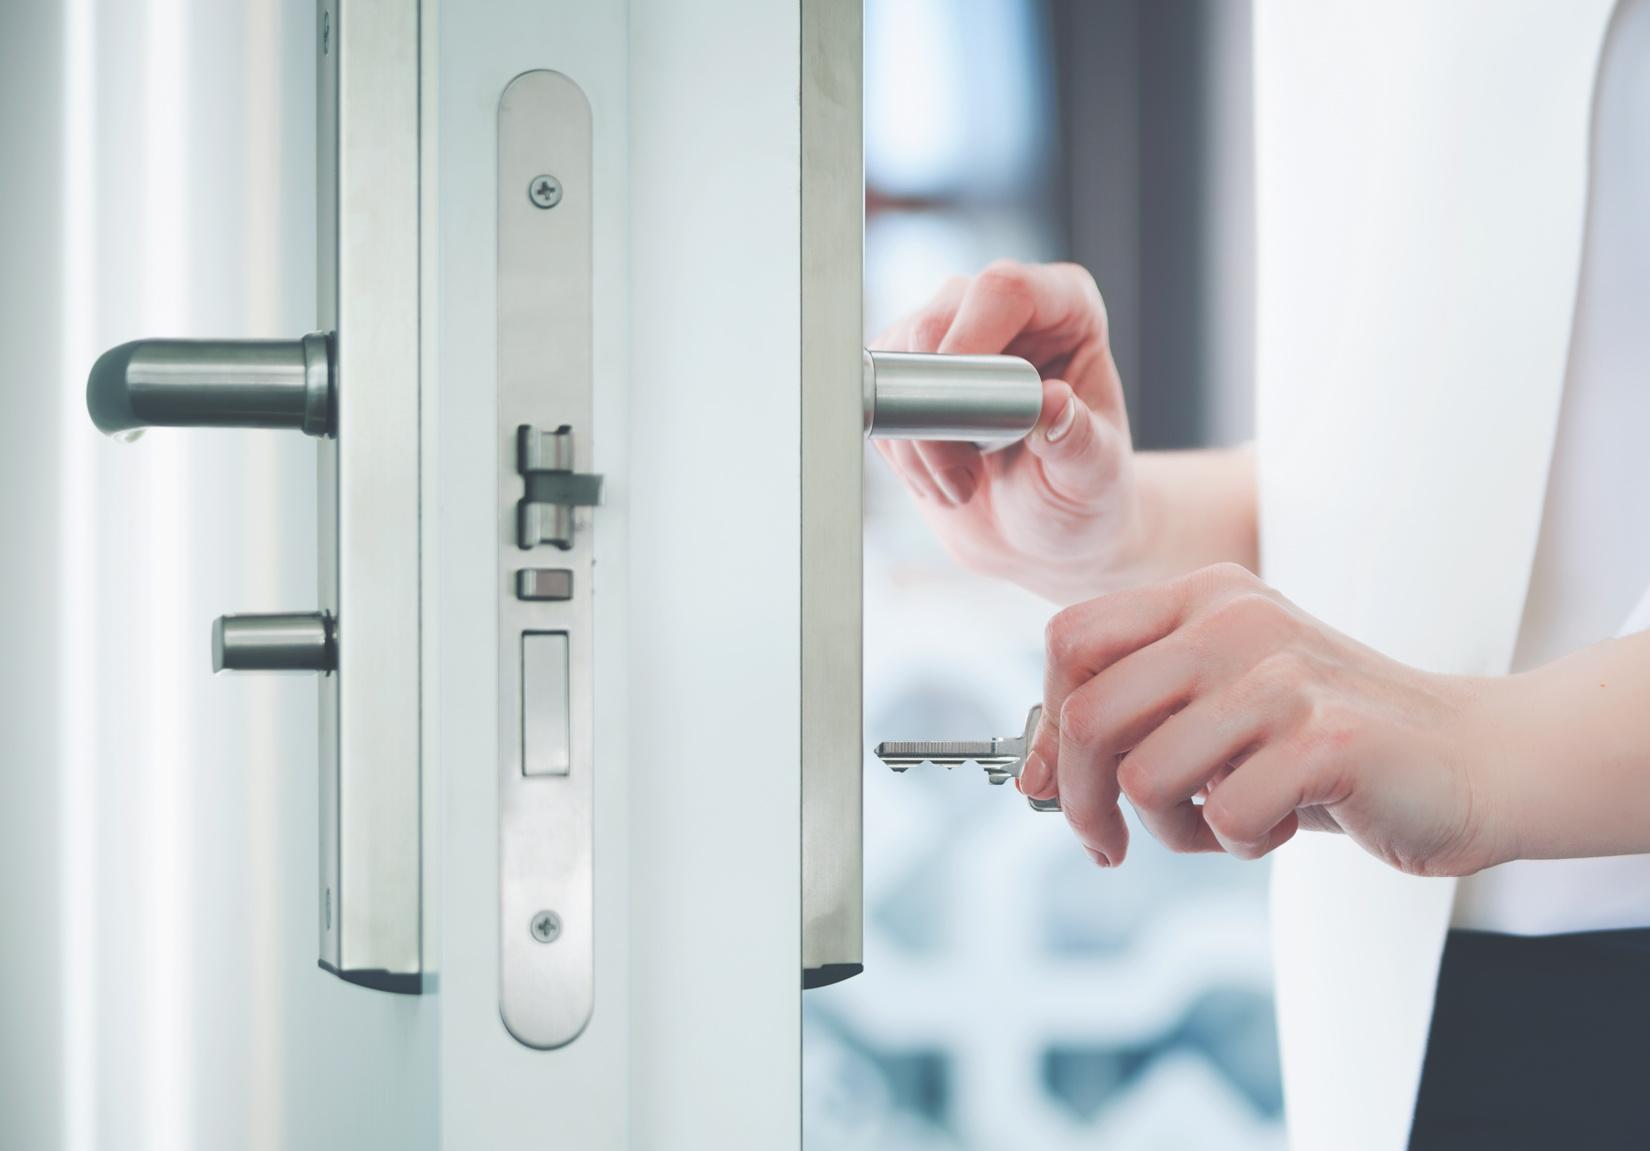 Verbesserter Einbruchsschutz durch sichere Türen